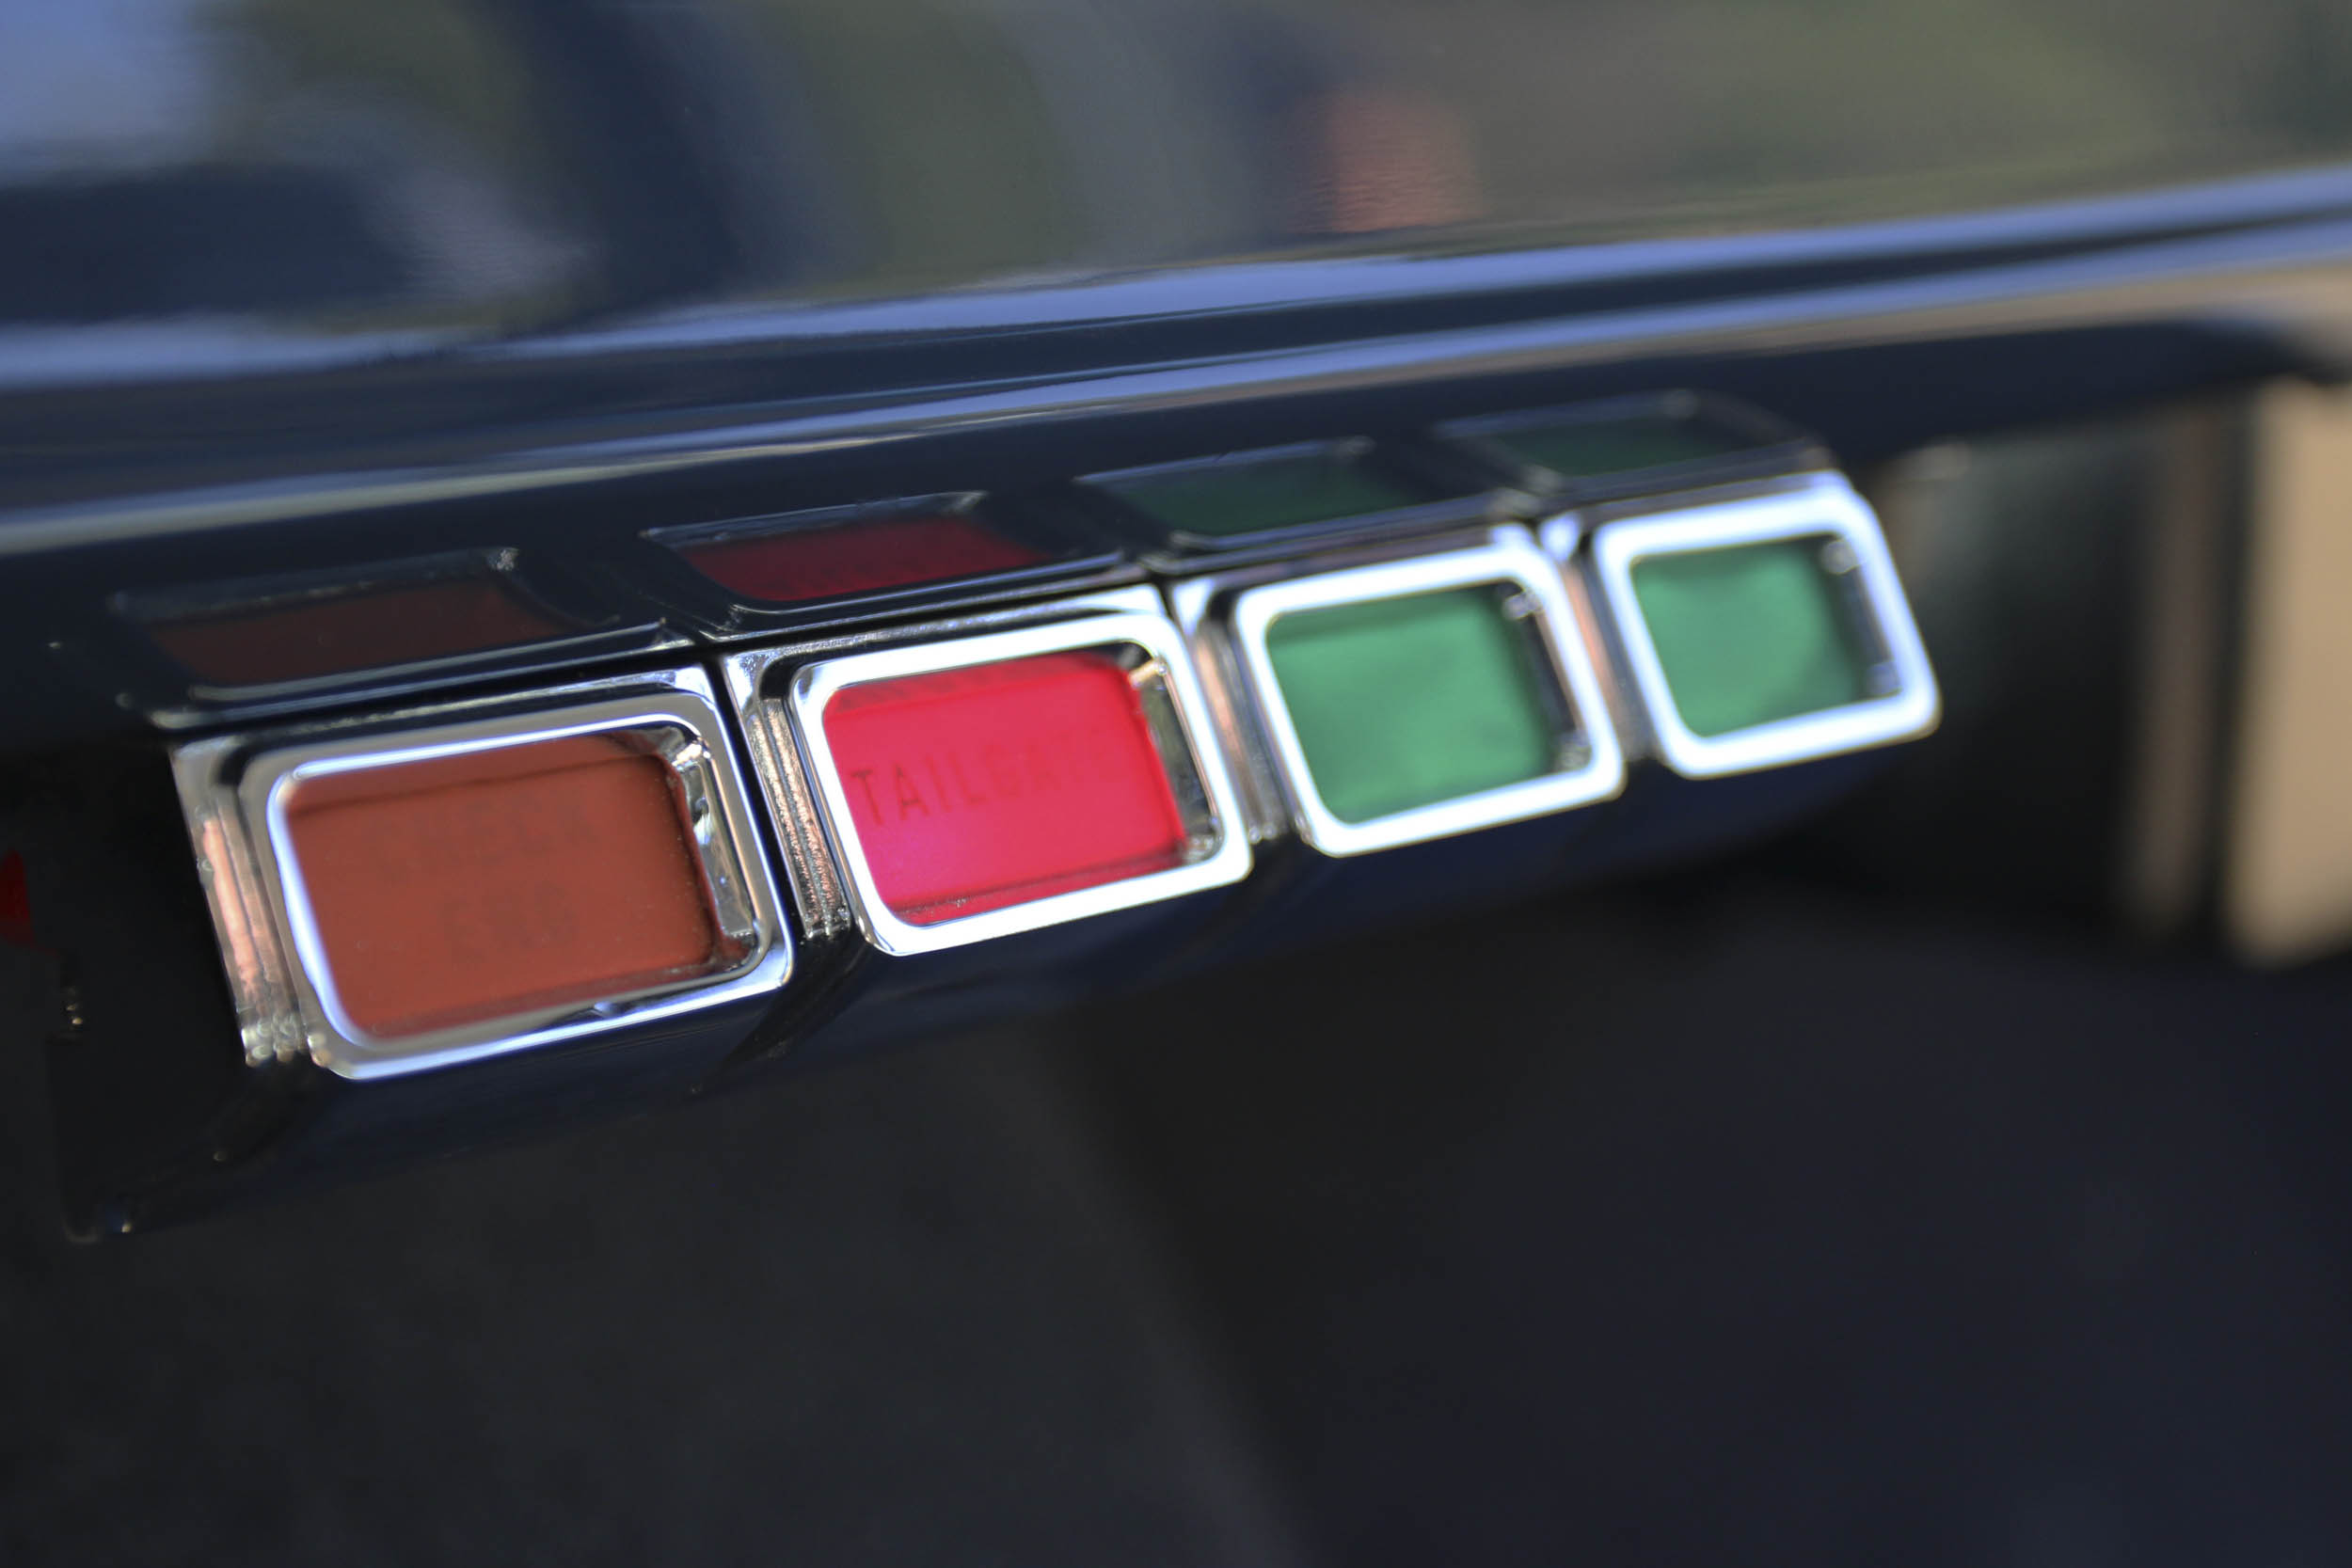 ICON Wagoneer dashboard idiot lights